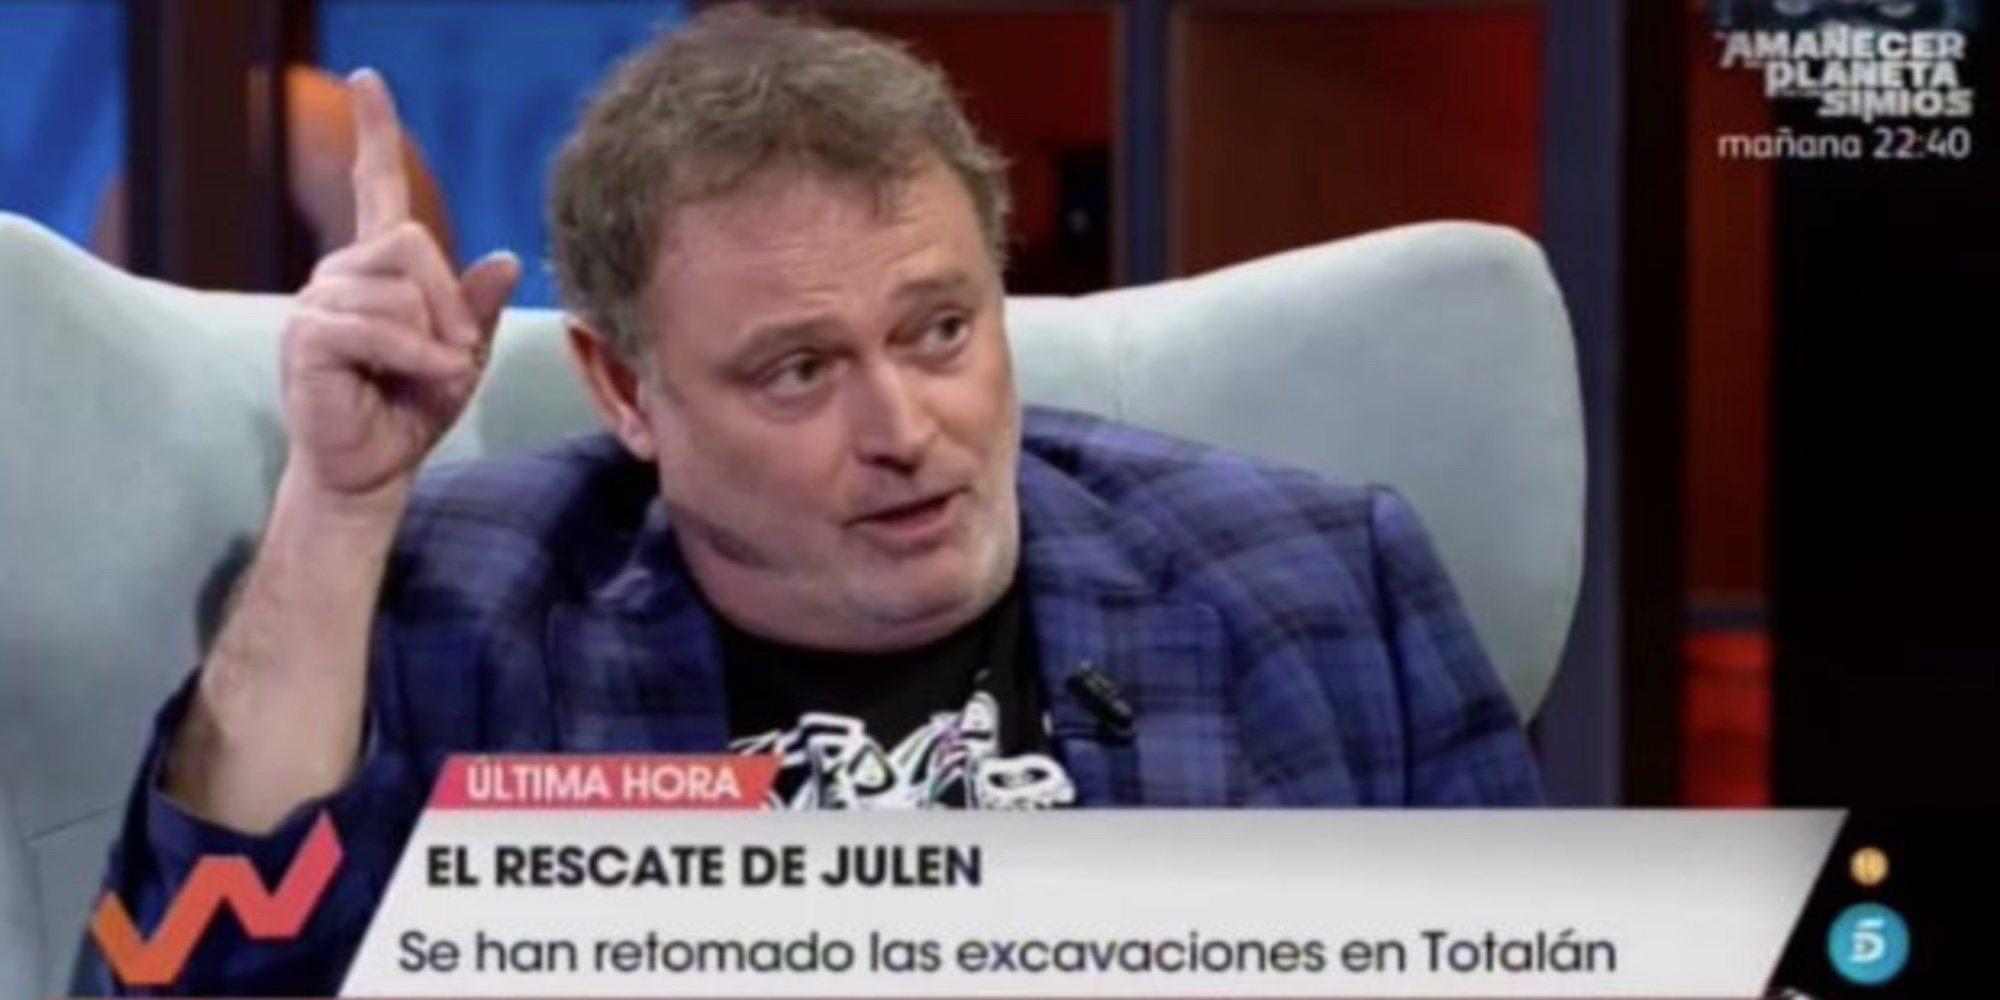 Pablo Carbonell, muy criticado por sus comentarios sobre el rescate de Julen, el niño del pozo de Totalán